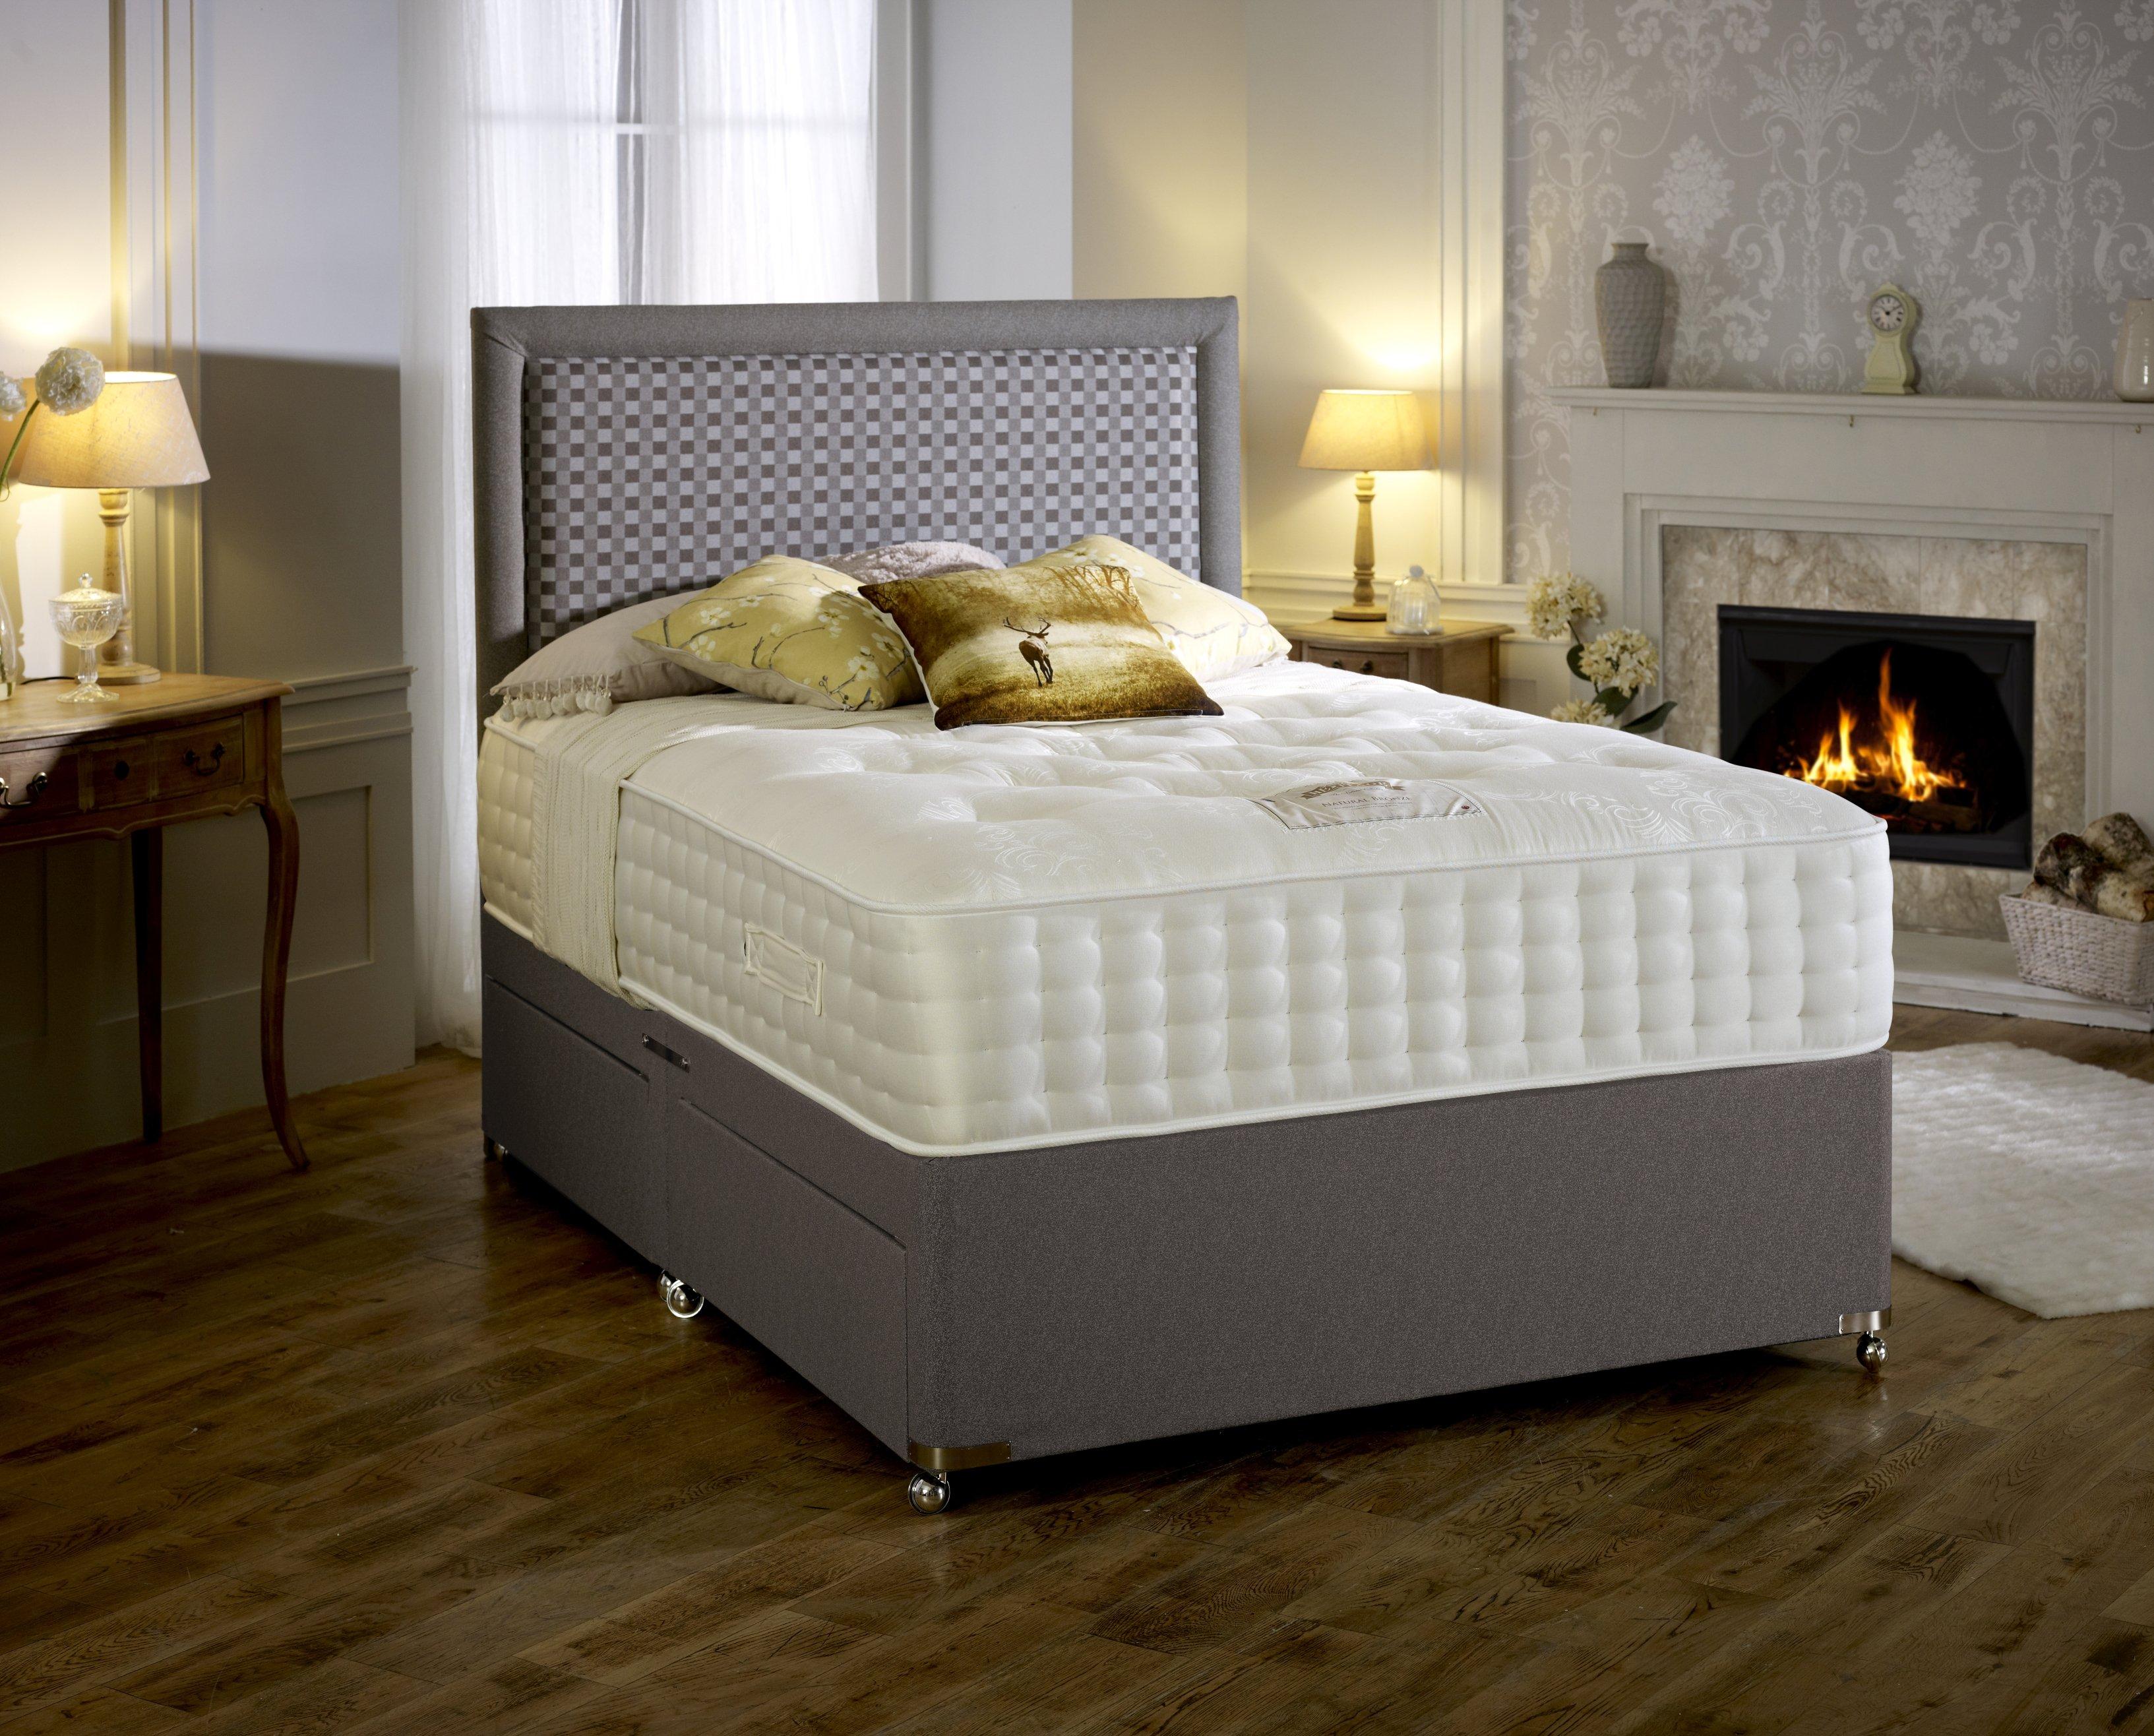 Cool Beds N Stuff Divans Mattress Beatyapartments Chair Design Images Beatyapartmentscom